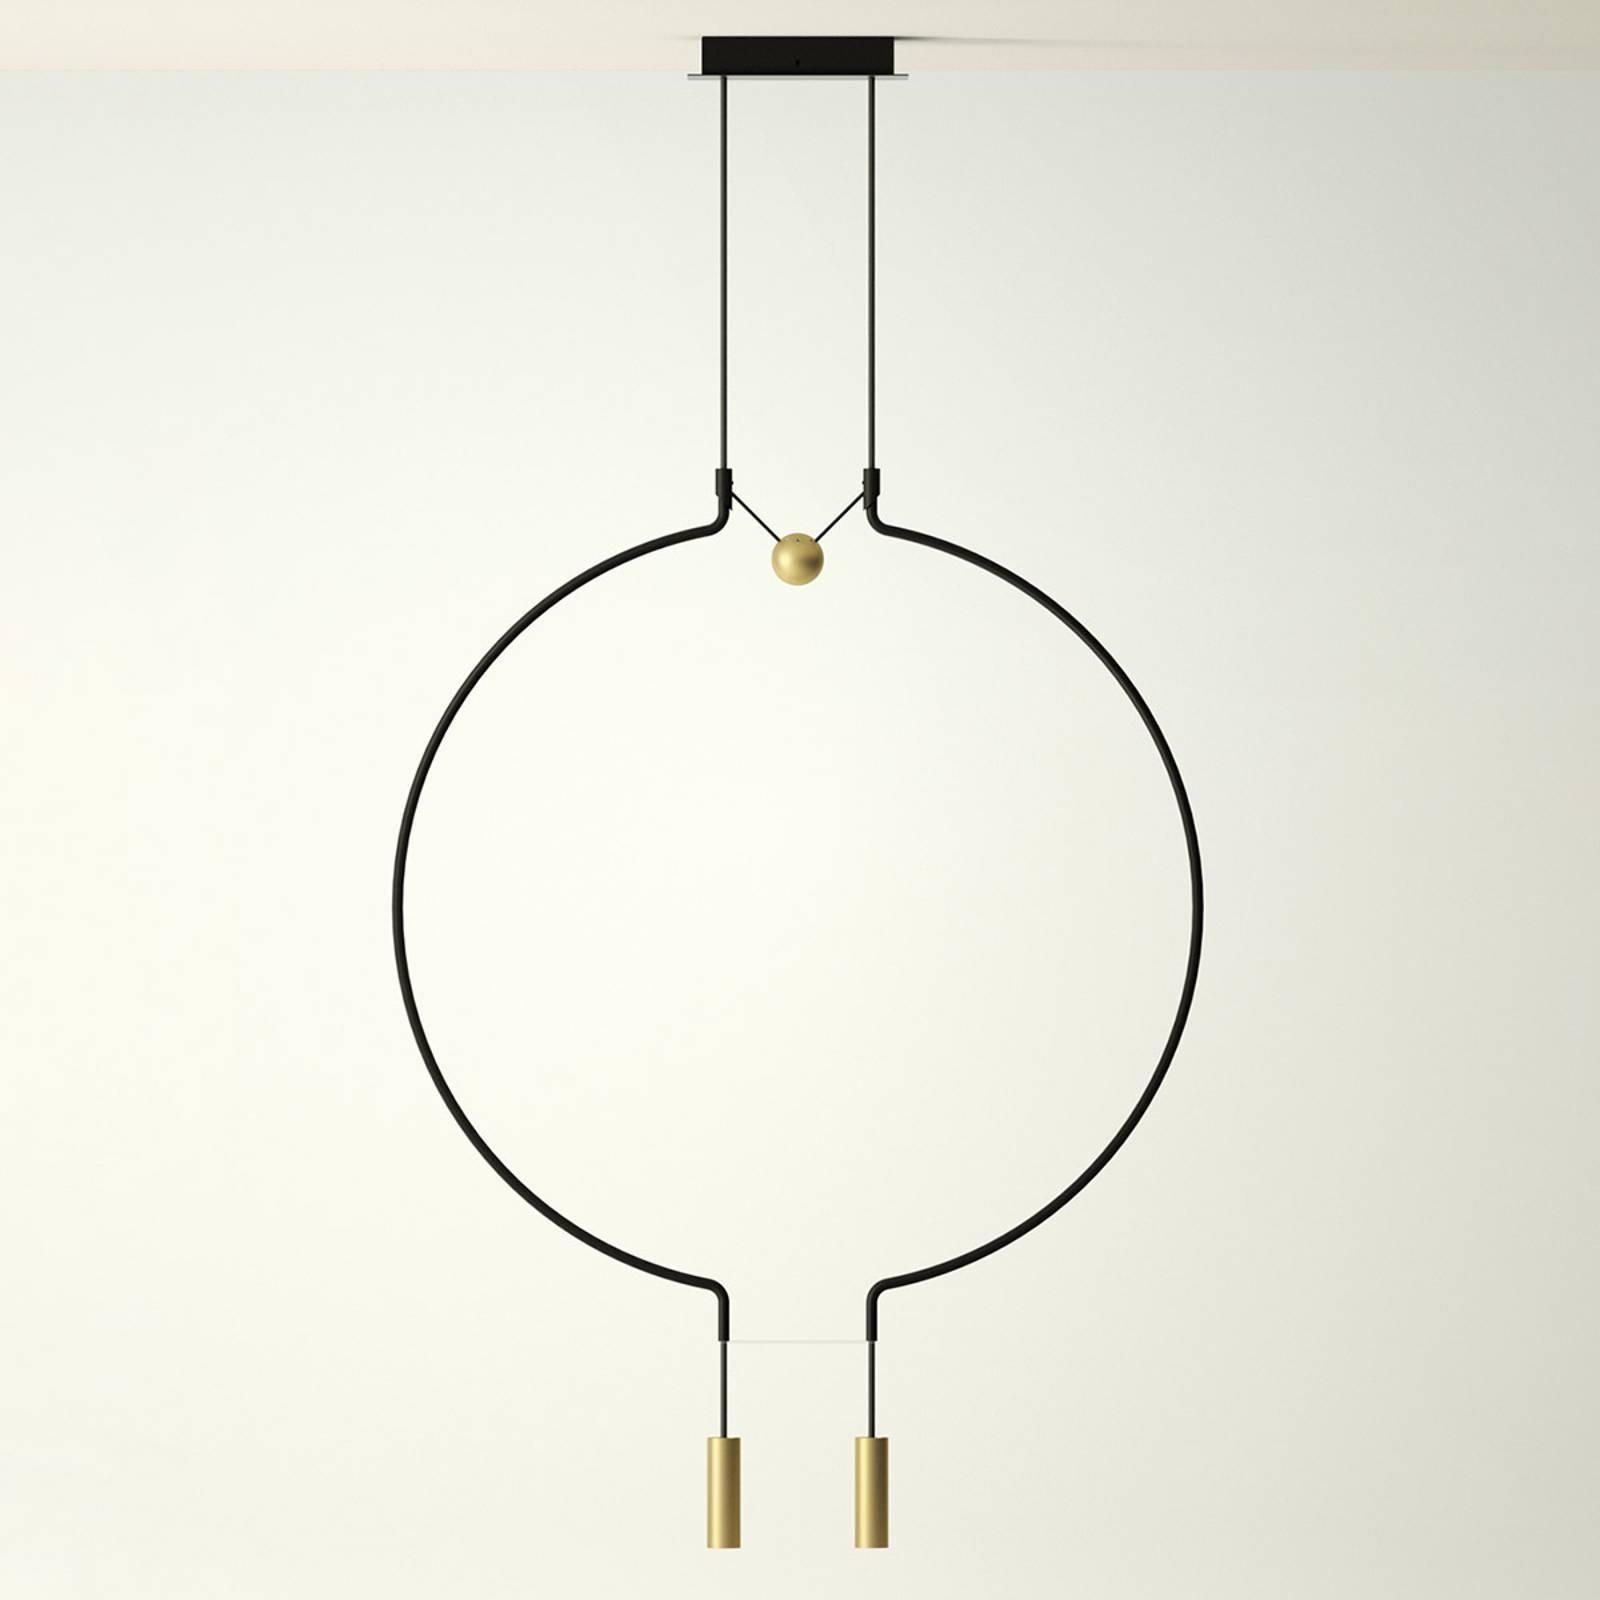 Axolight Liaison M2 lampa wisząca czarna/złota 84